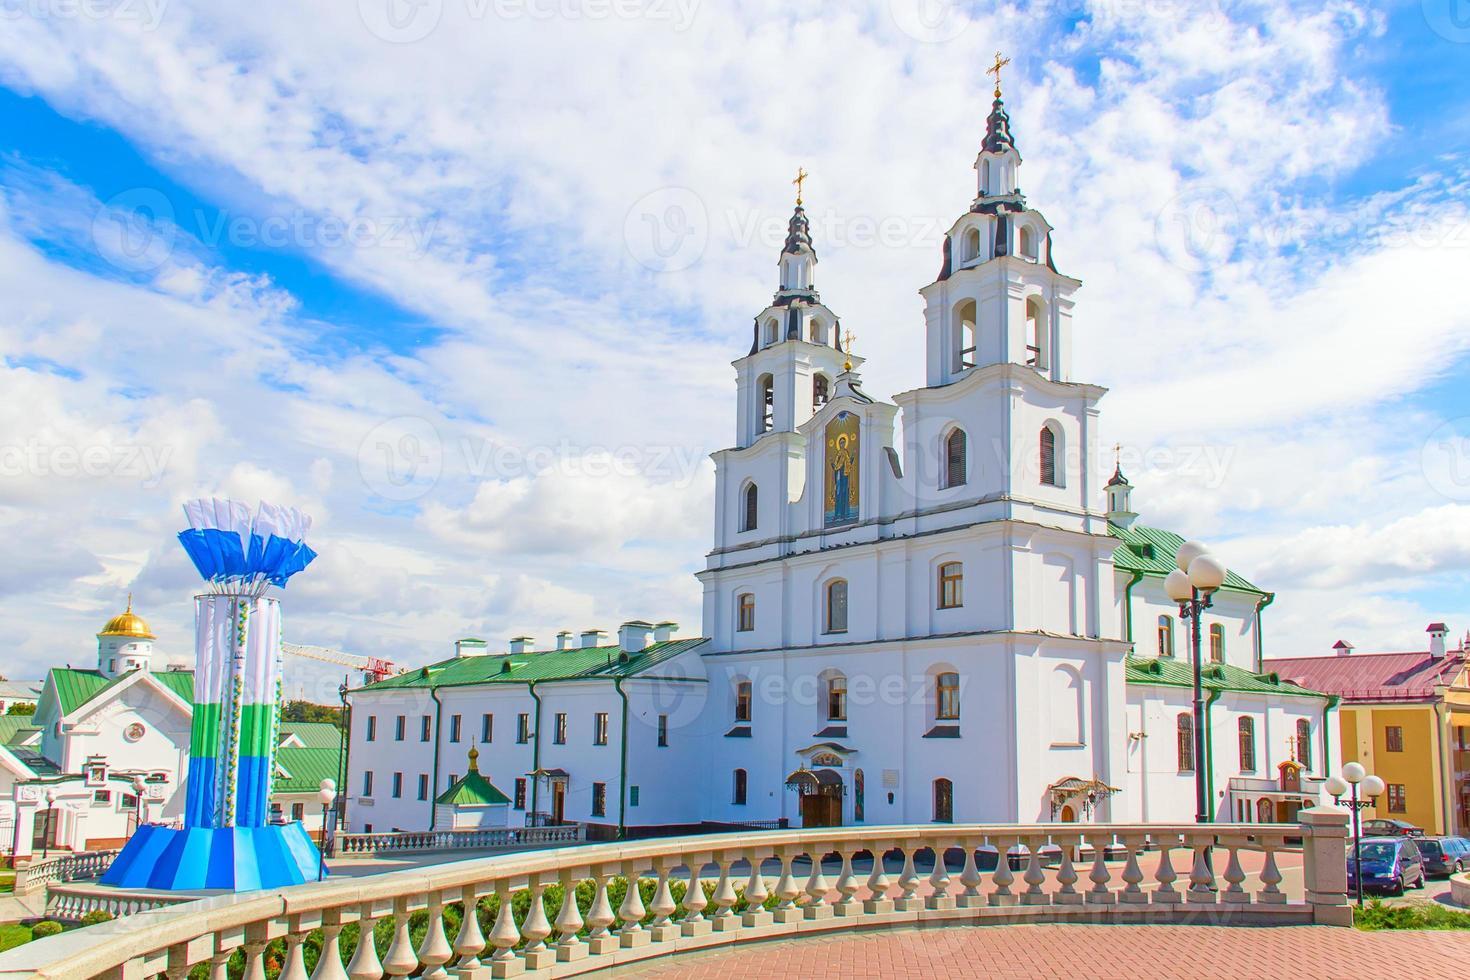 cattedrale dello spirito santo a minsk, bielorussia. foto